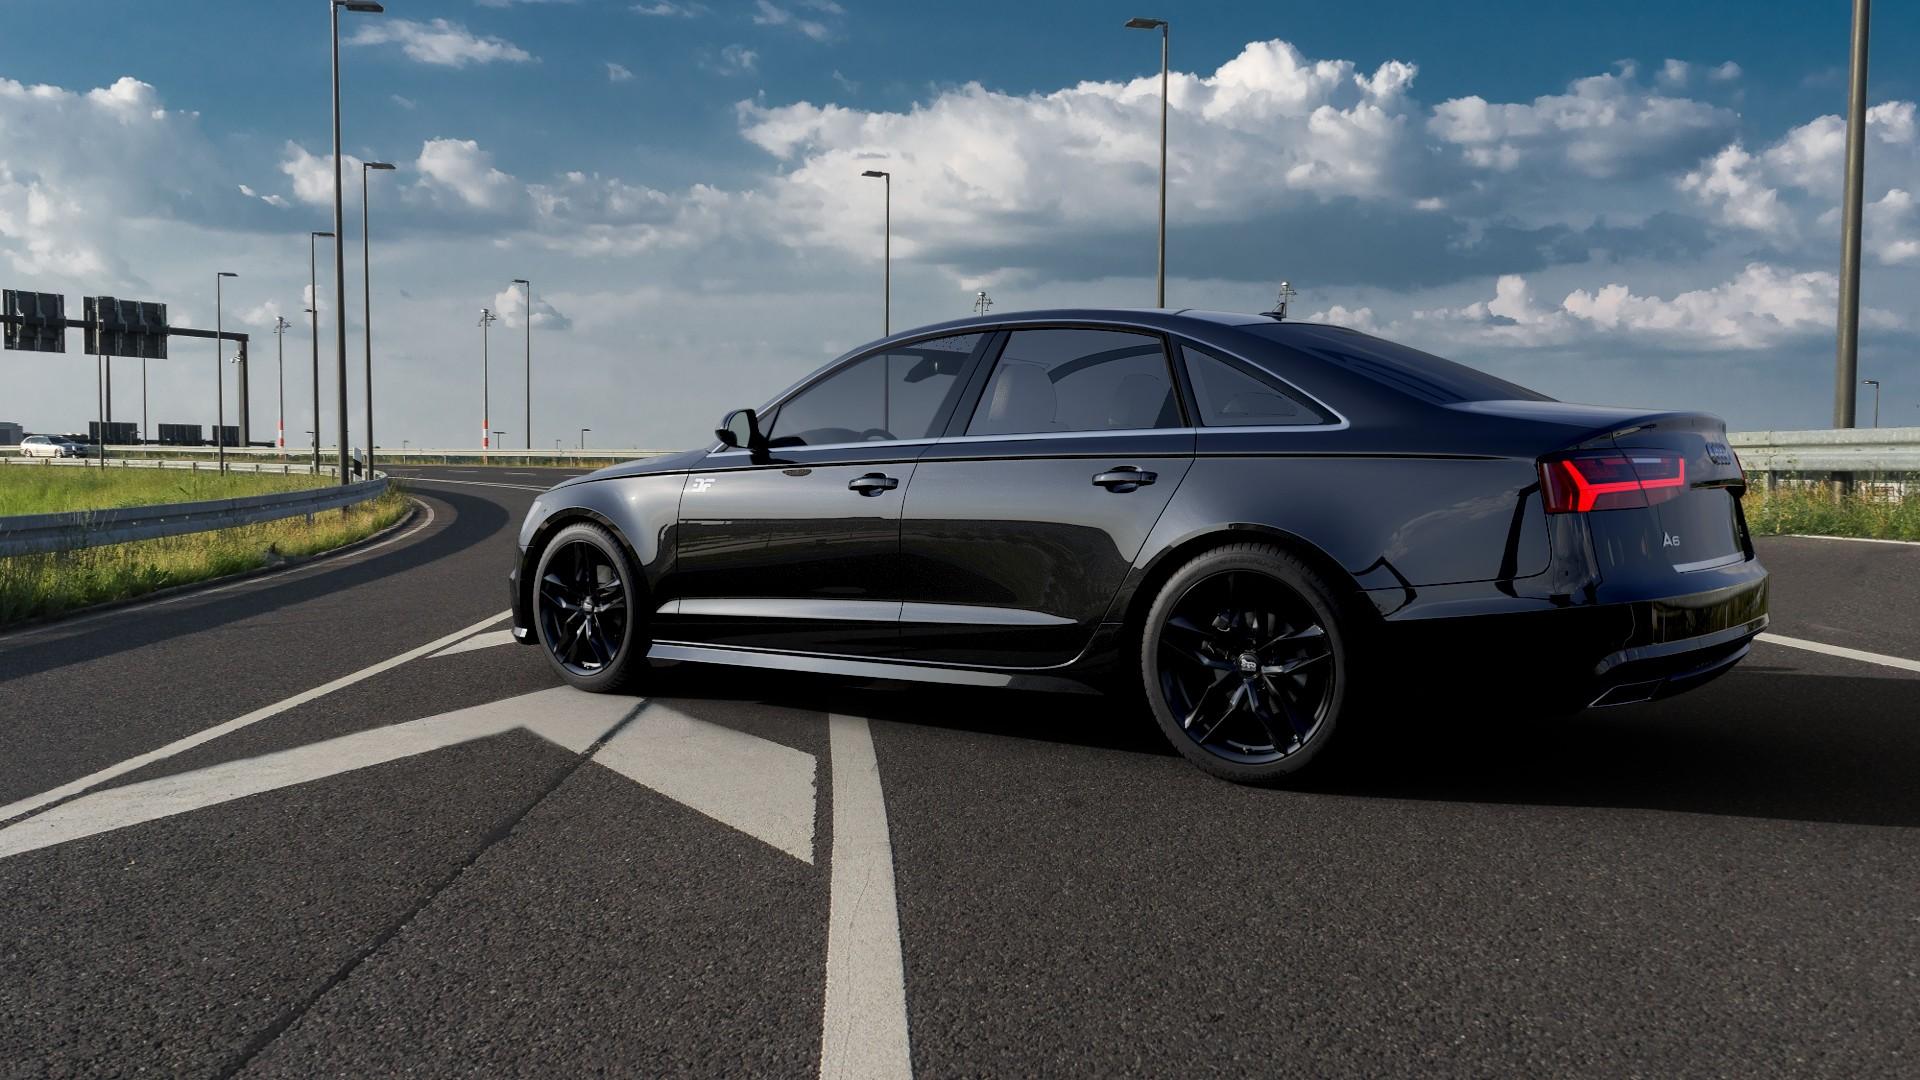 mam-rs3-black-painted-felge-mit-reifen-schwarz-in-19zoll-winterfelge-alufelge-auf-schwarzem-audi-a6-typ-4g-c7-limousine-facelift-mit-15mm-tieferlegung-autobahn-1-camera-0